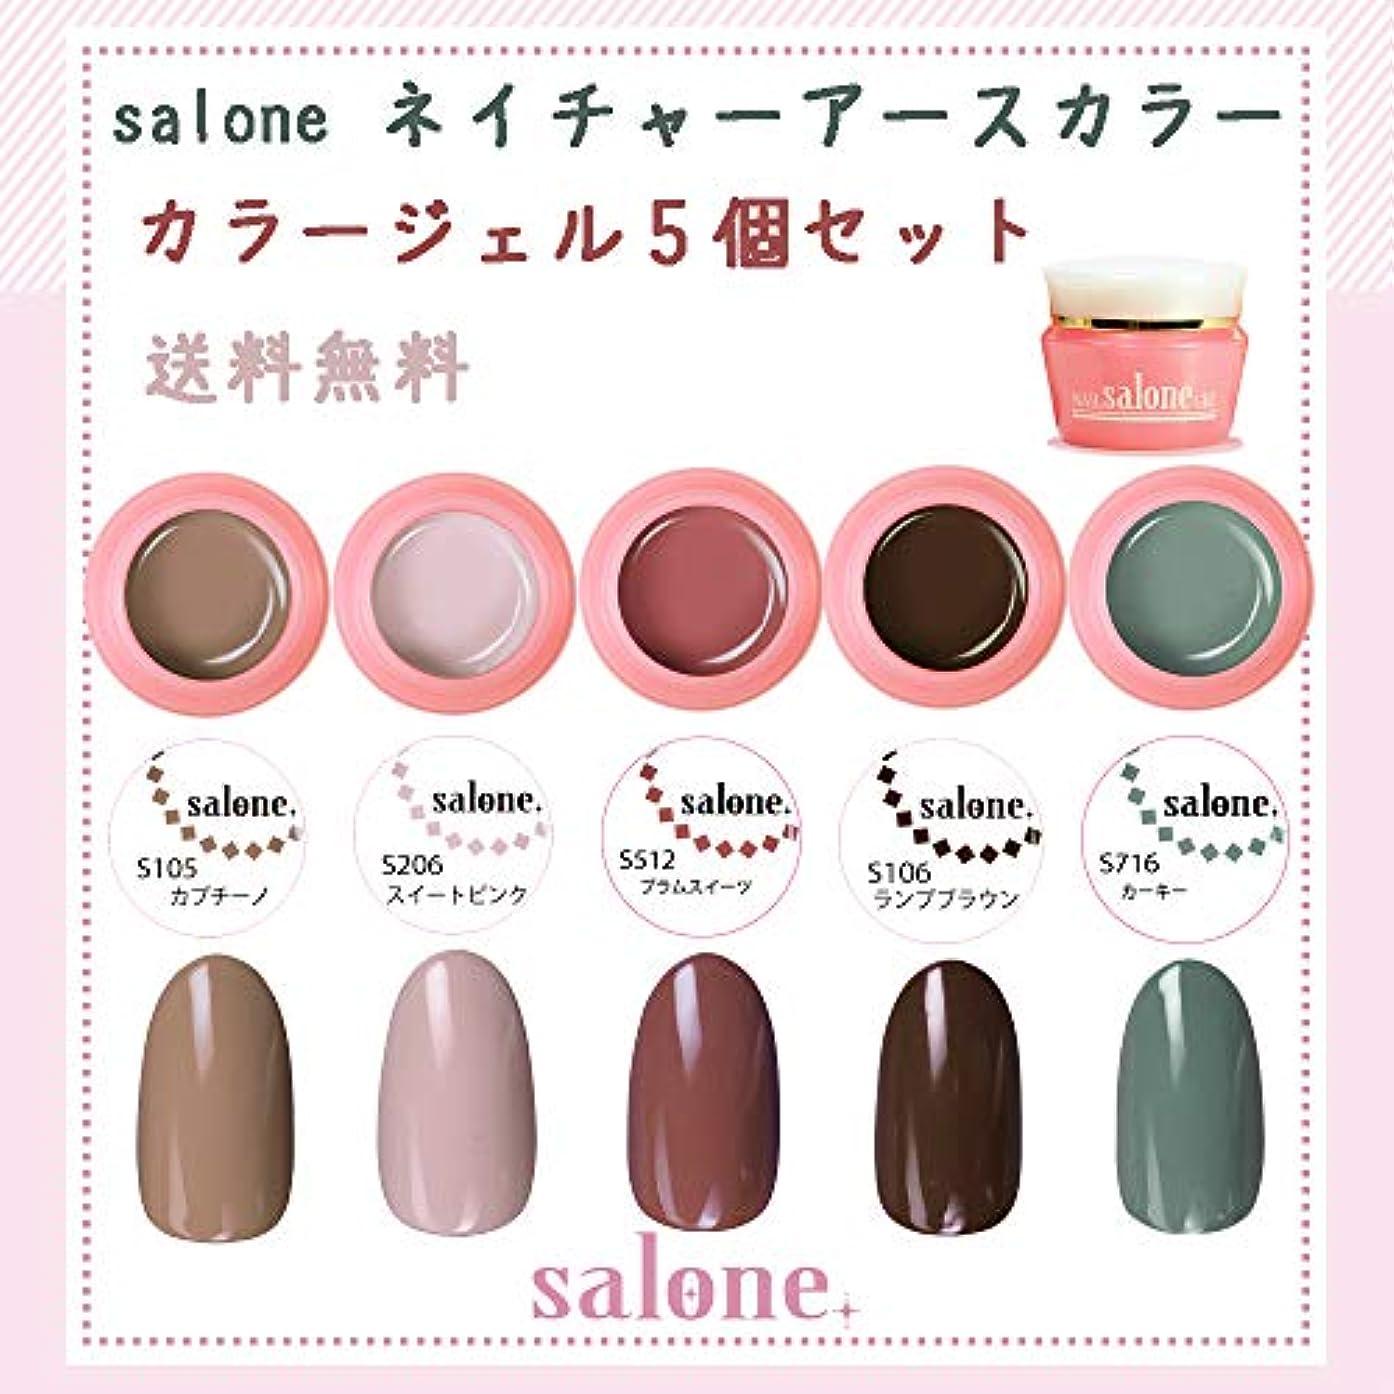 贅沢な状態賞賛する【送料無料 日本製】Salone ネイチャーアースカラー カラージェル5個セット ボタニカルでネイチャーなカラーをチョイスしました。